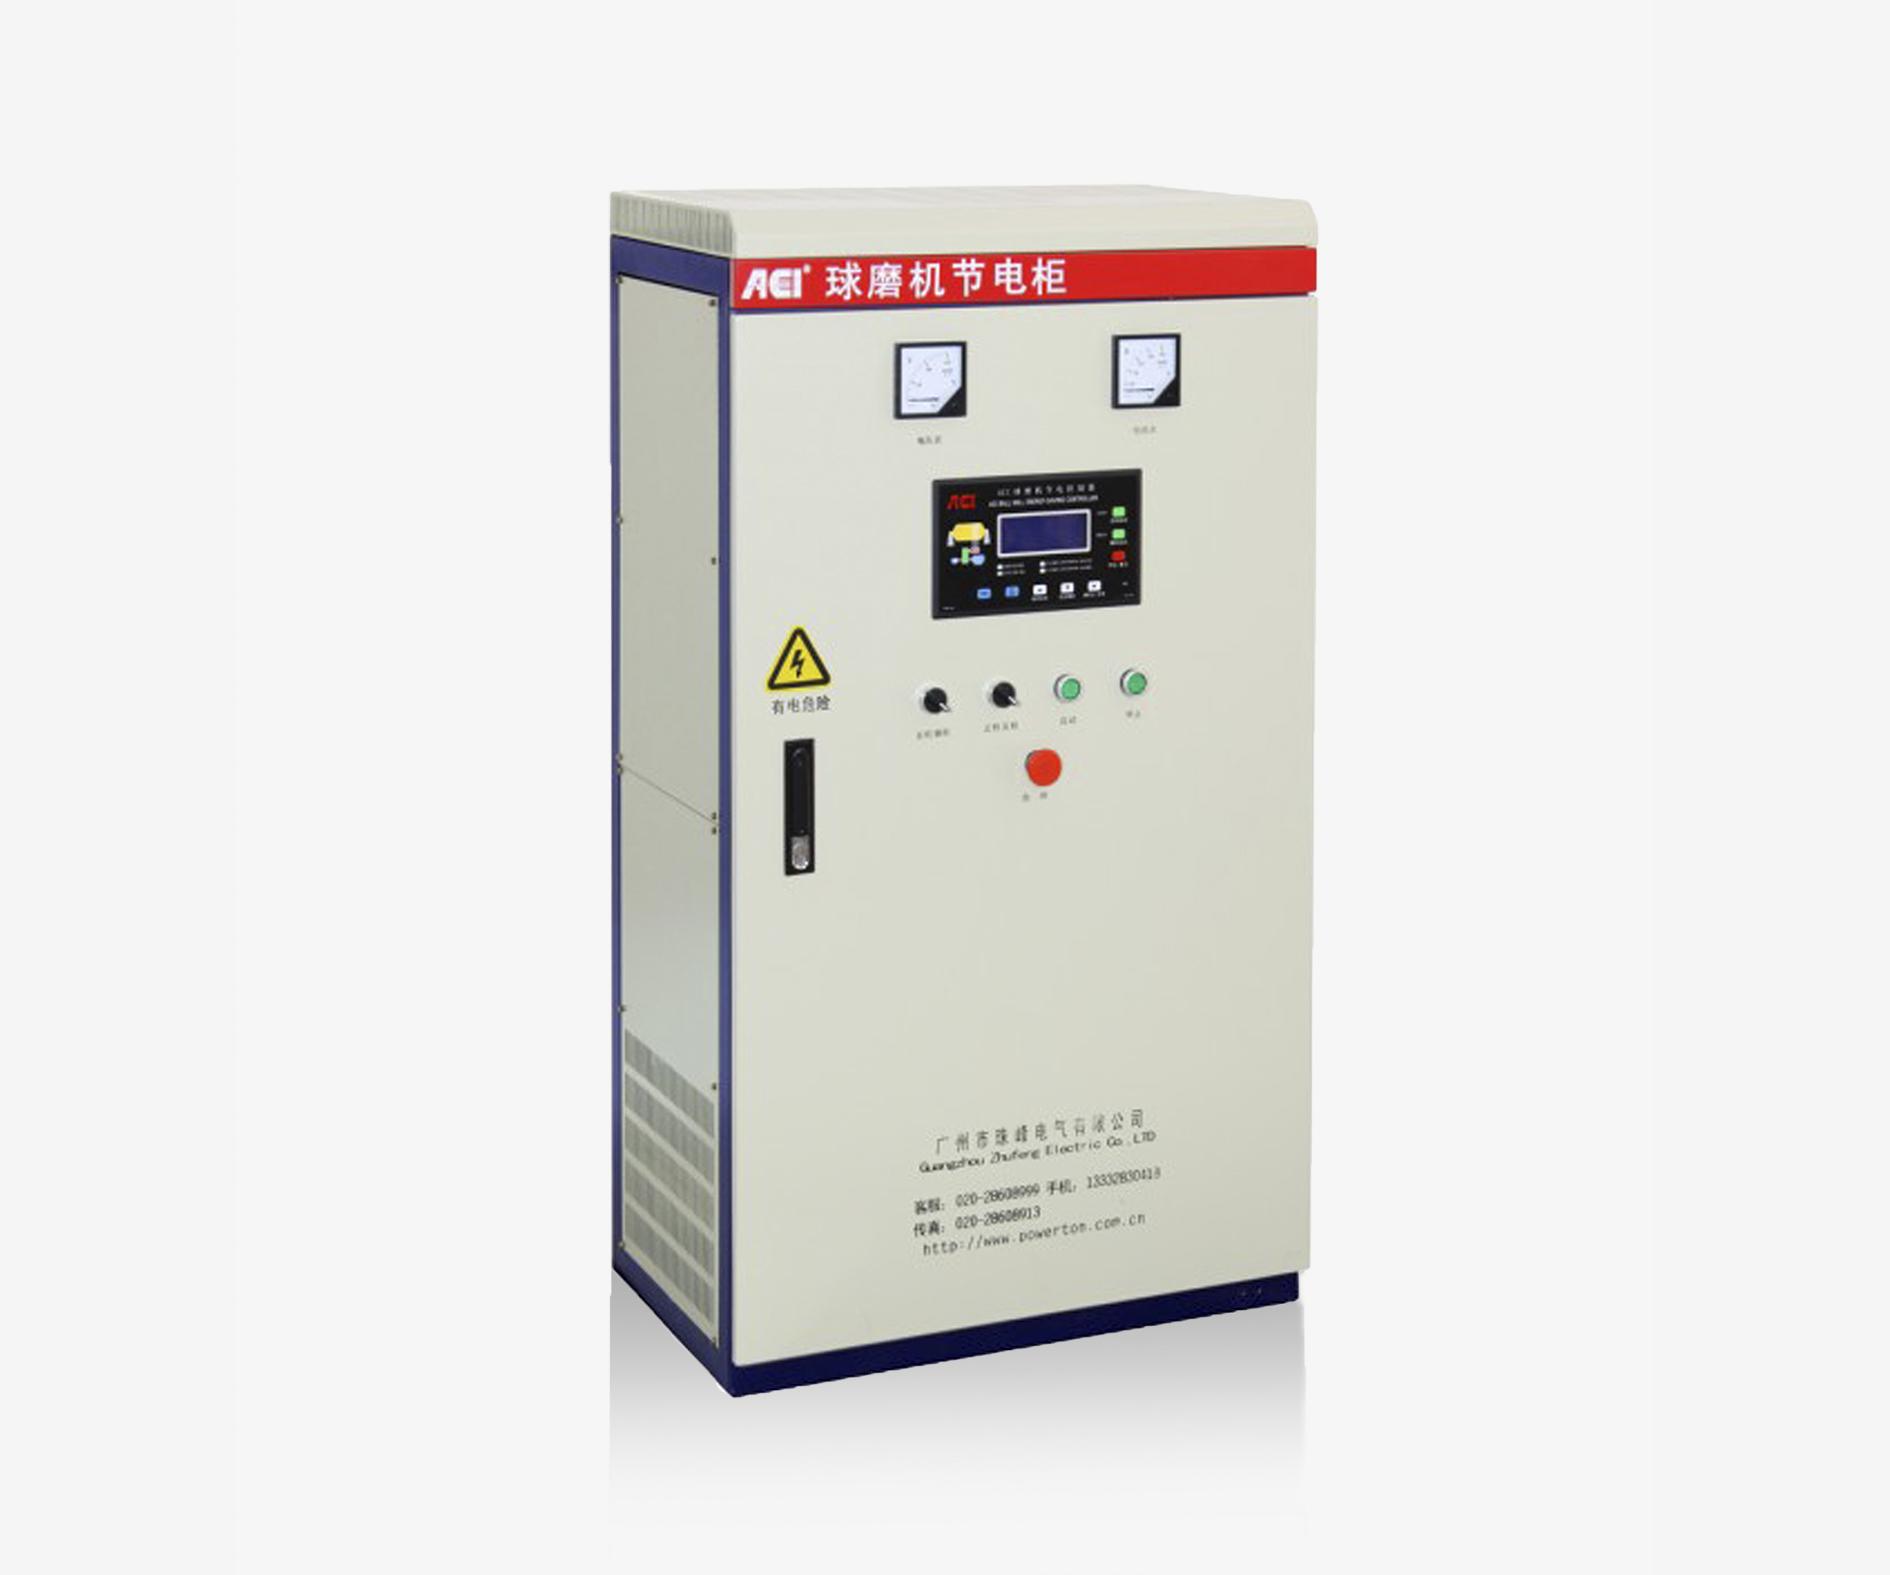 珠峰ACI球磨机专用节电柜DLT-QF11